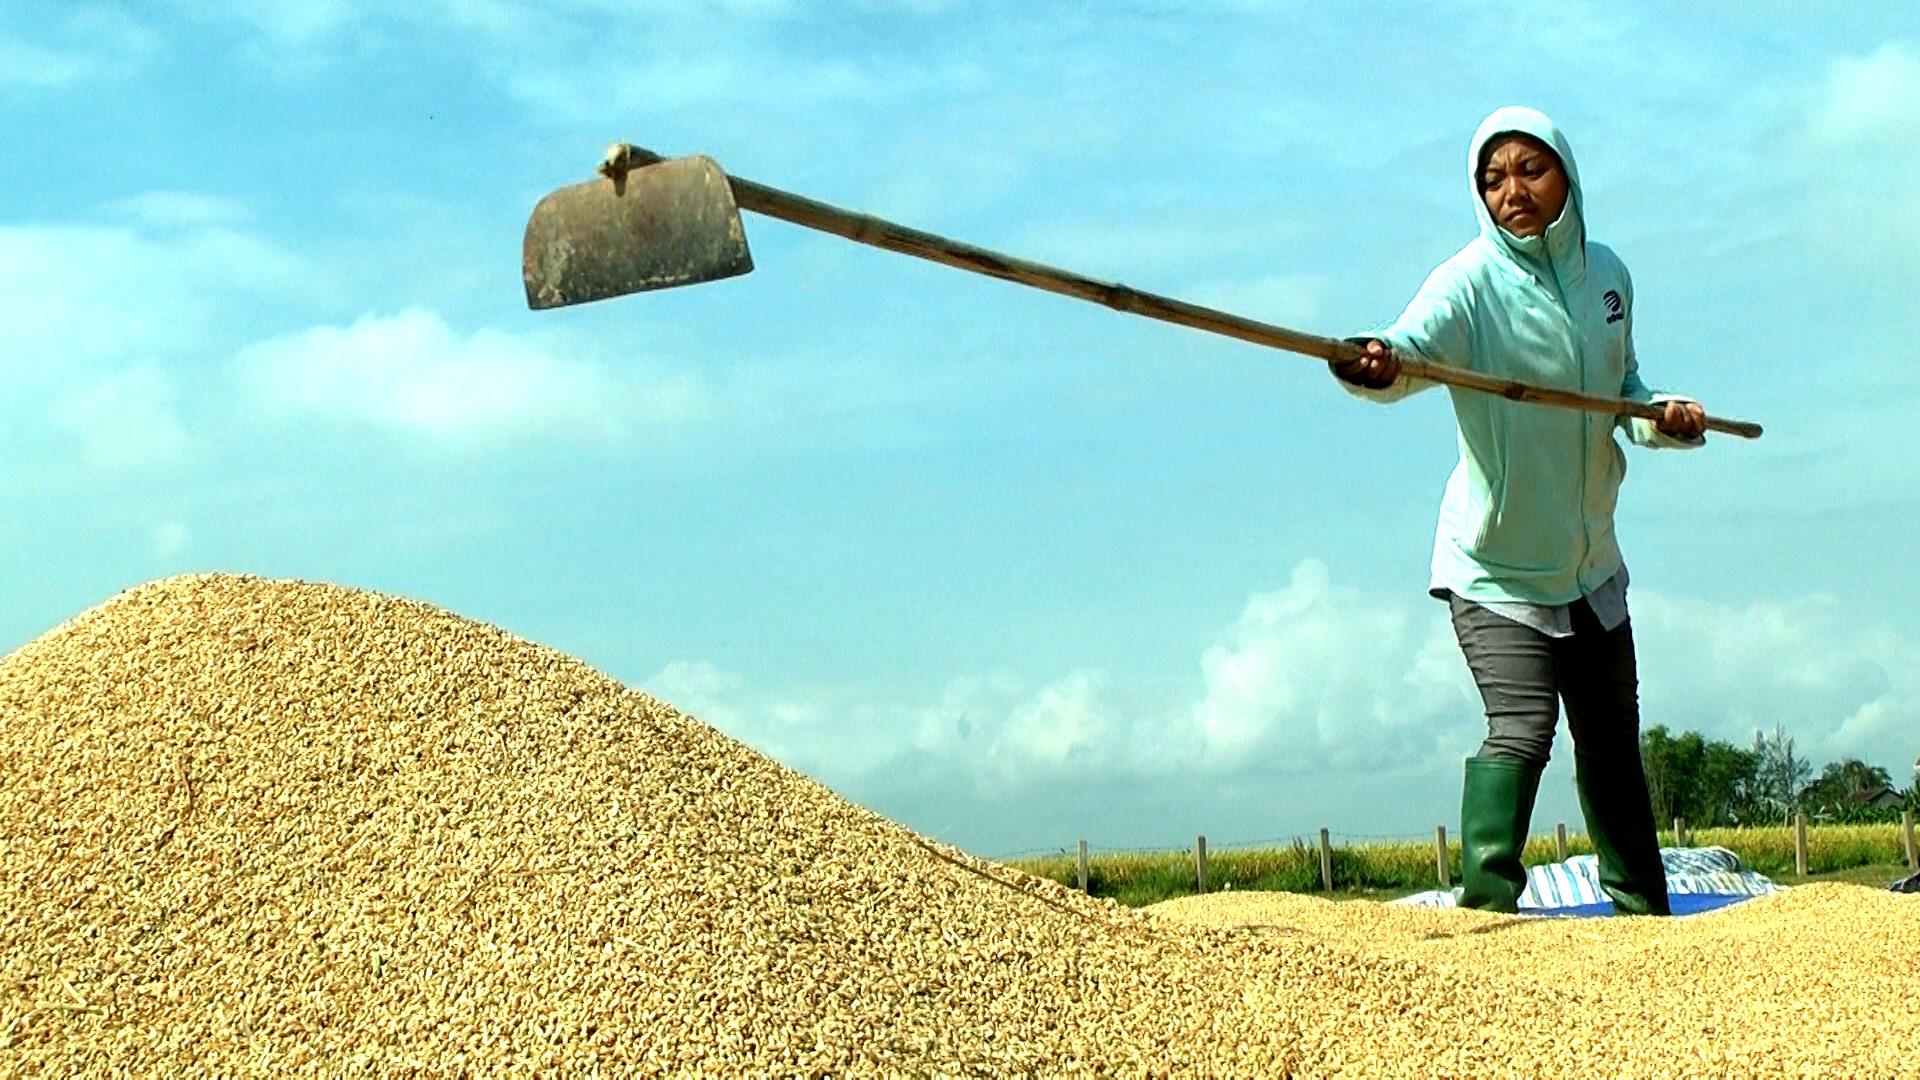 Thời tiết thuận lợi, thu hoạch đến đâu, người dân Duy Thành khẩn trương phơi khô hạt nếp.  Ảnh: T.S